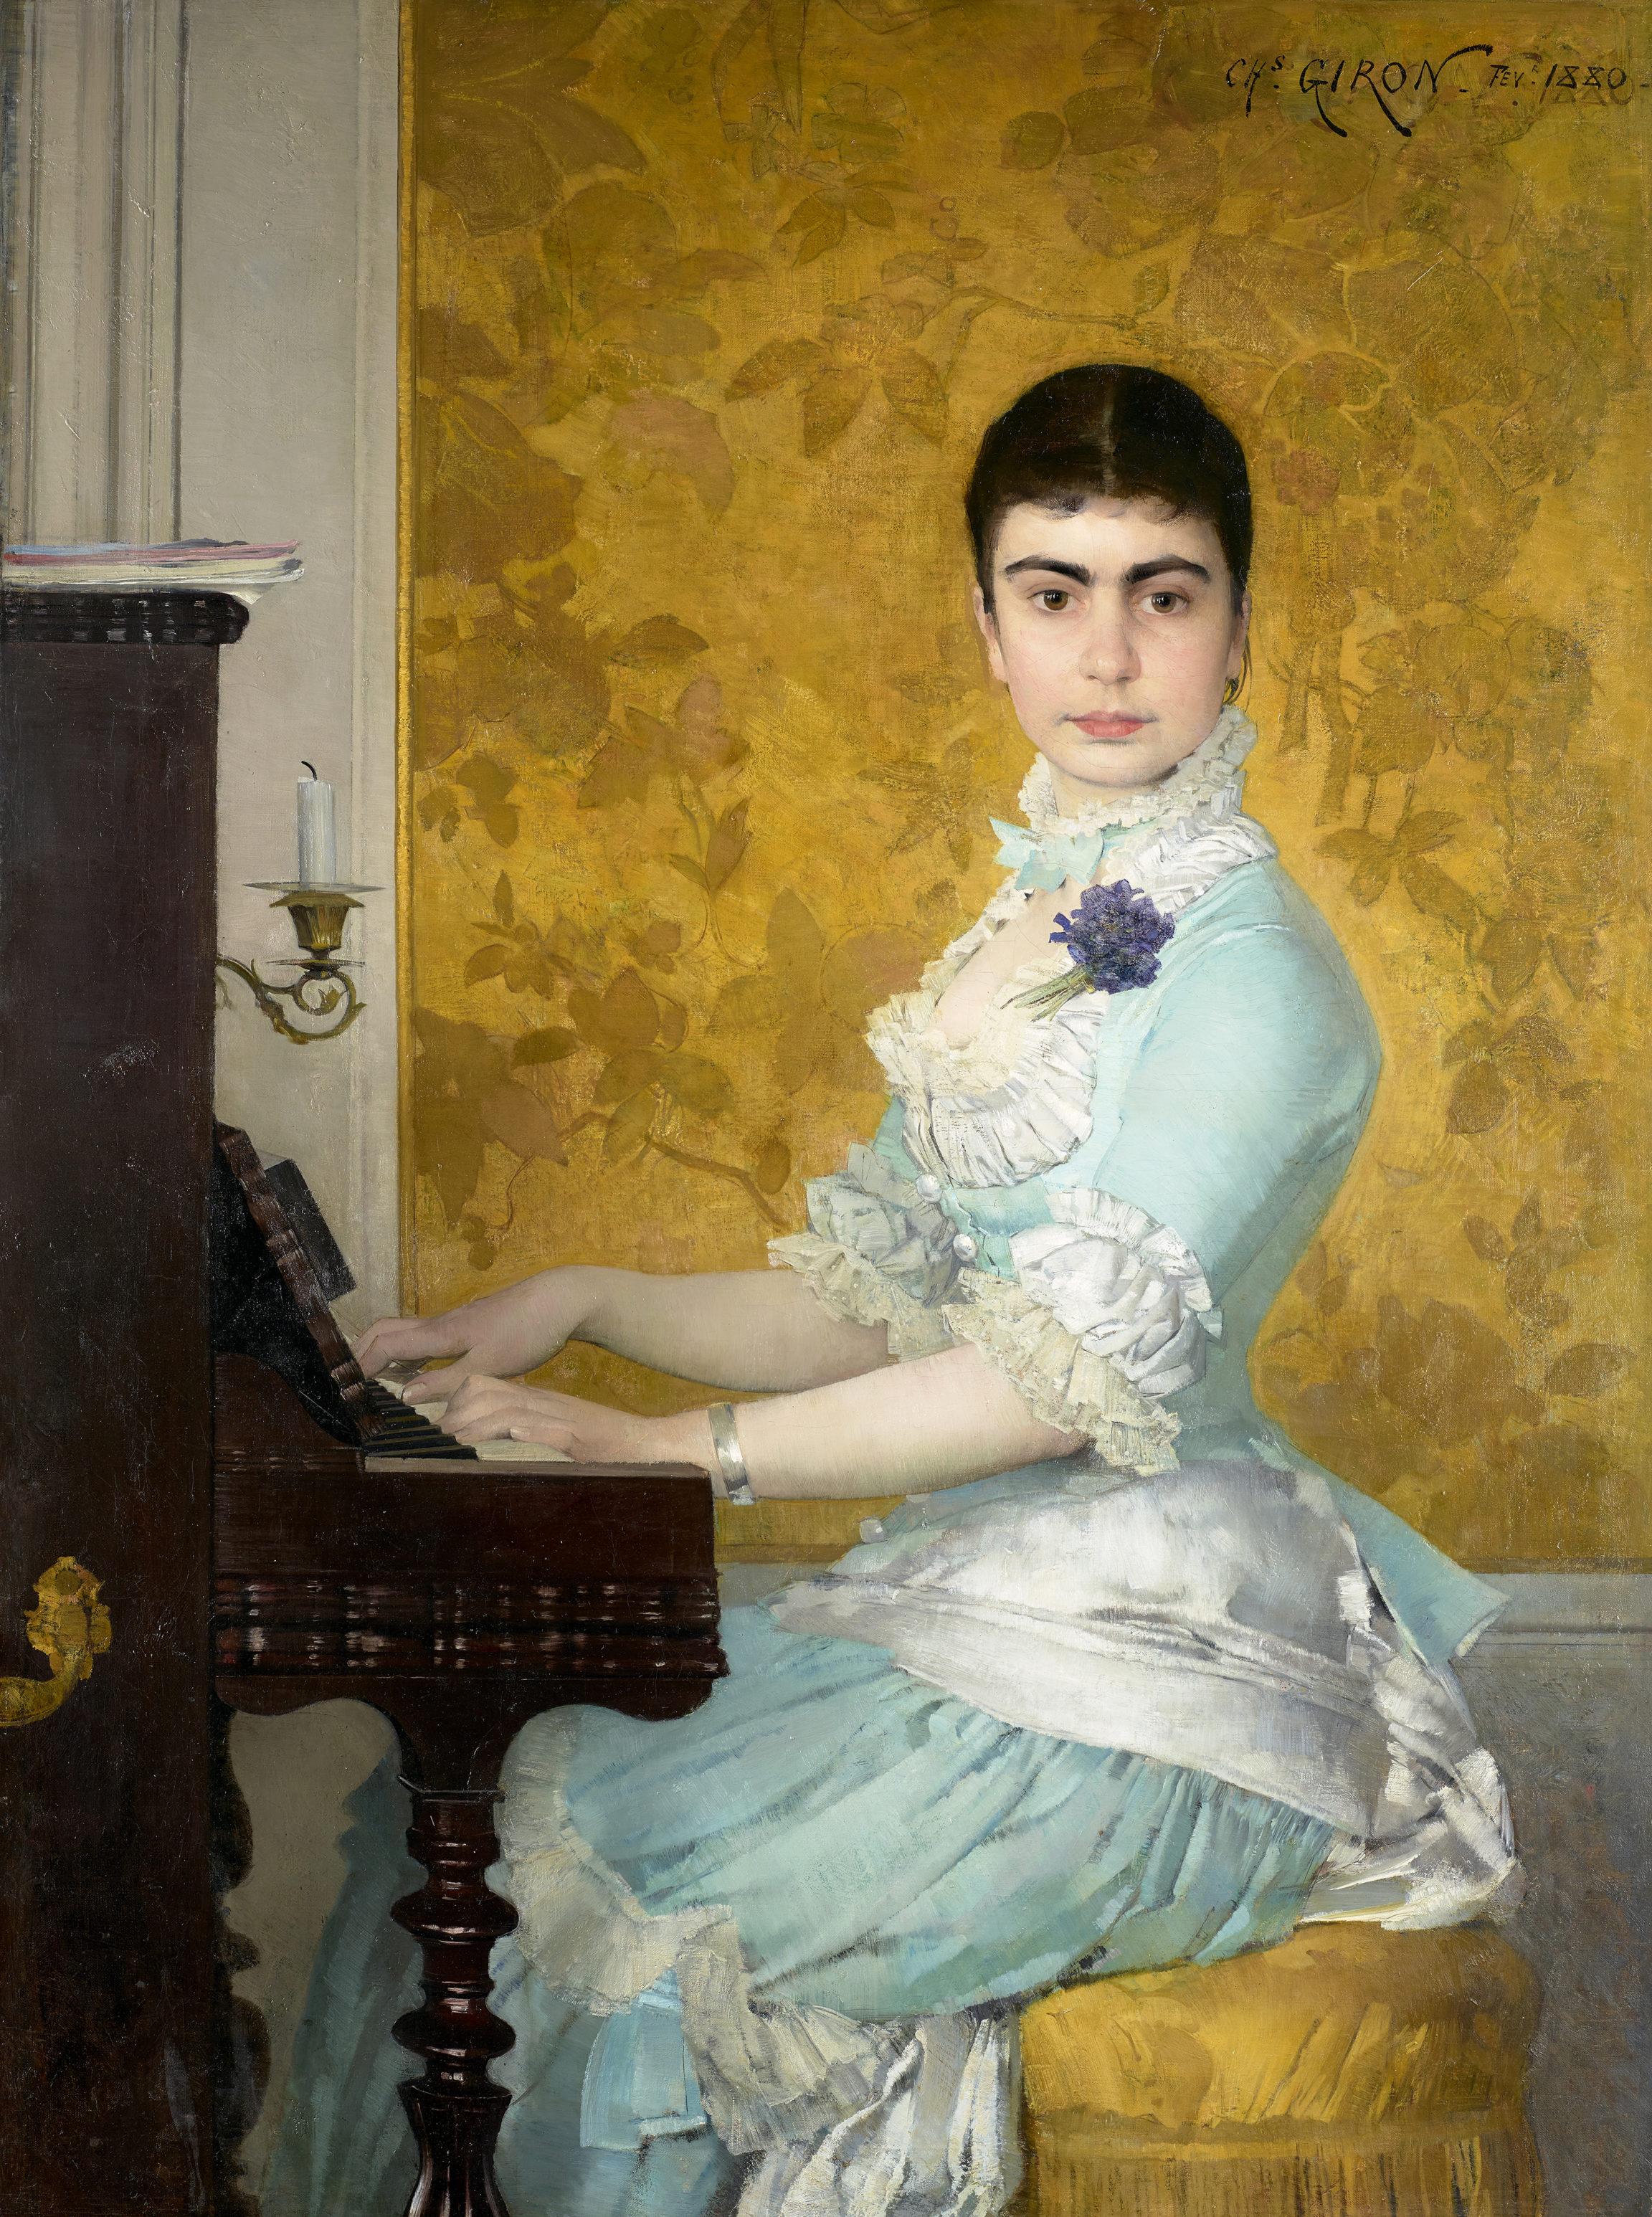 Charles Giron , Jeune femme au piano ou Portrait de Mlle Maguie D., 1880